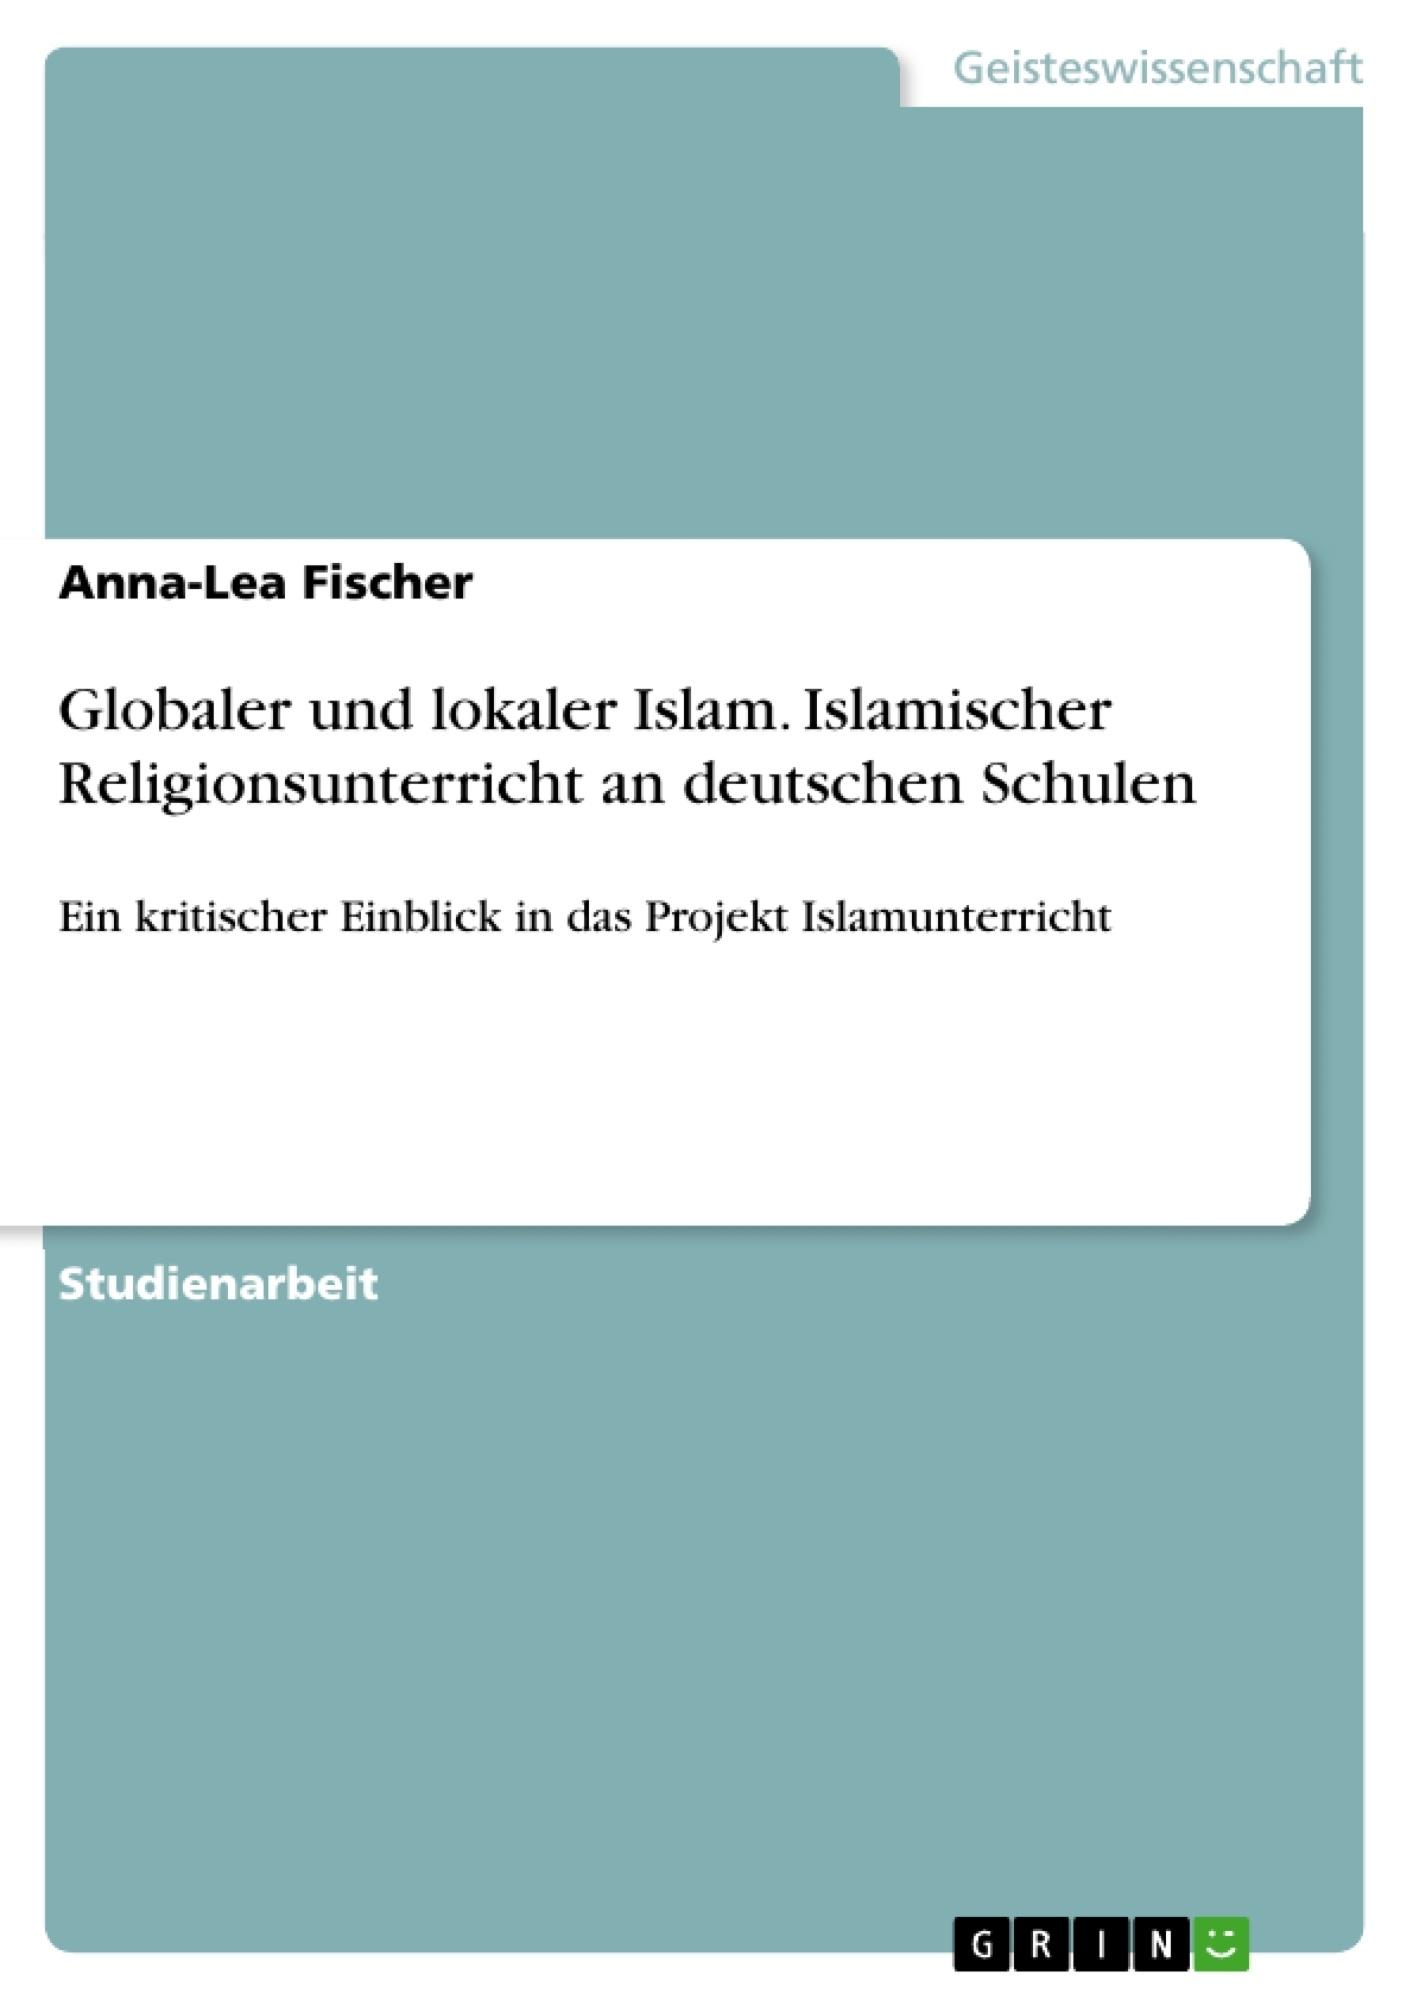 Titel: Globaler und lokaler Islam. Islamischer Religionsunterricht an deutschen Schulen